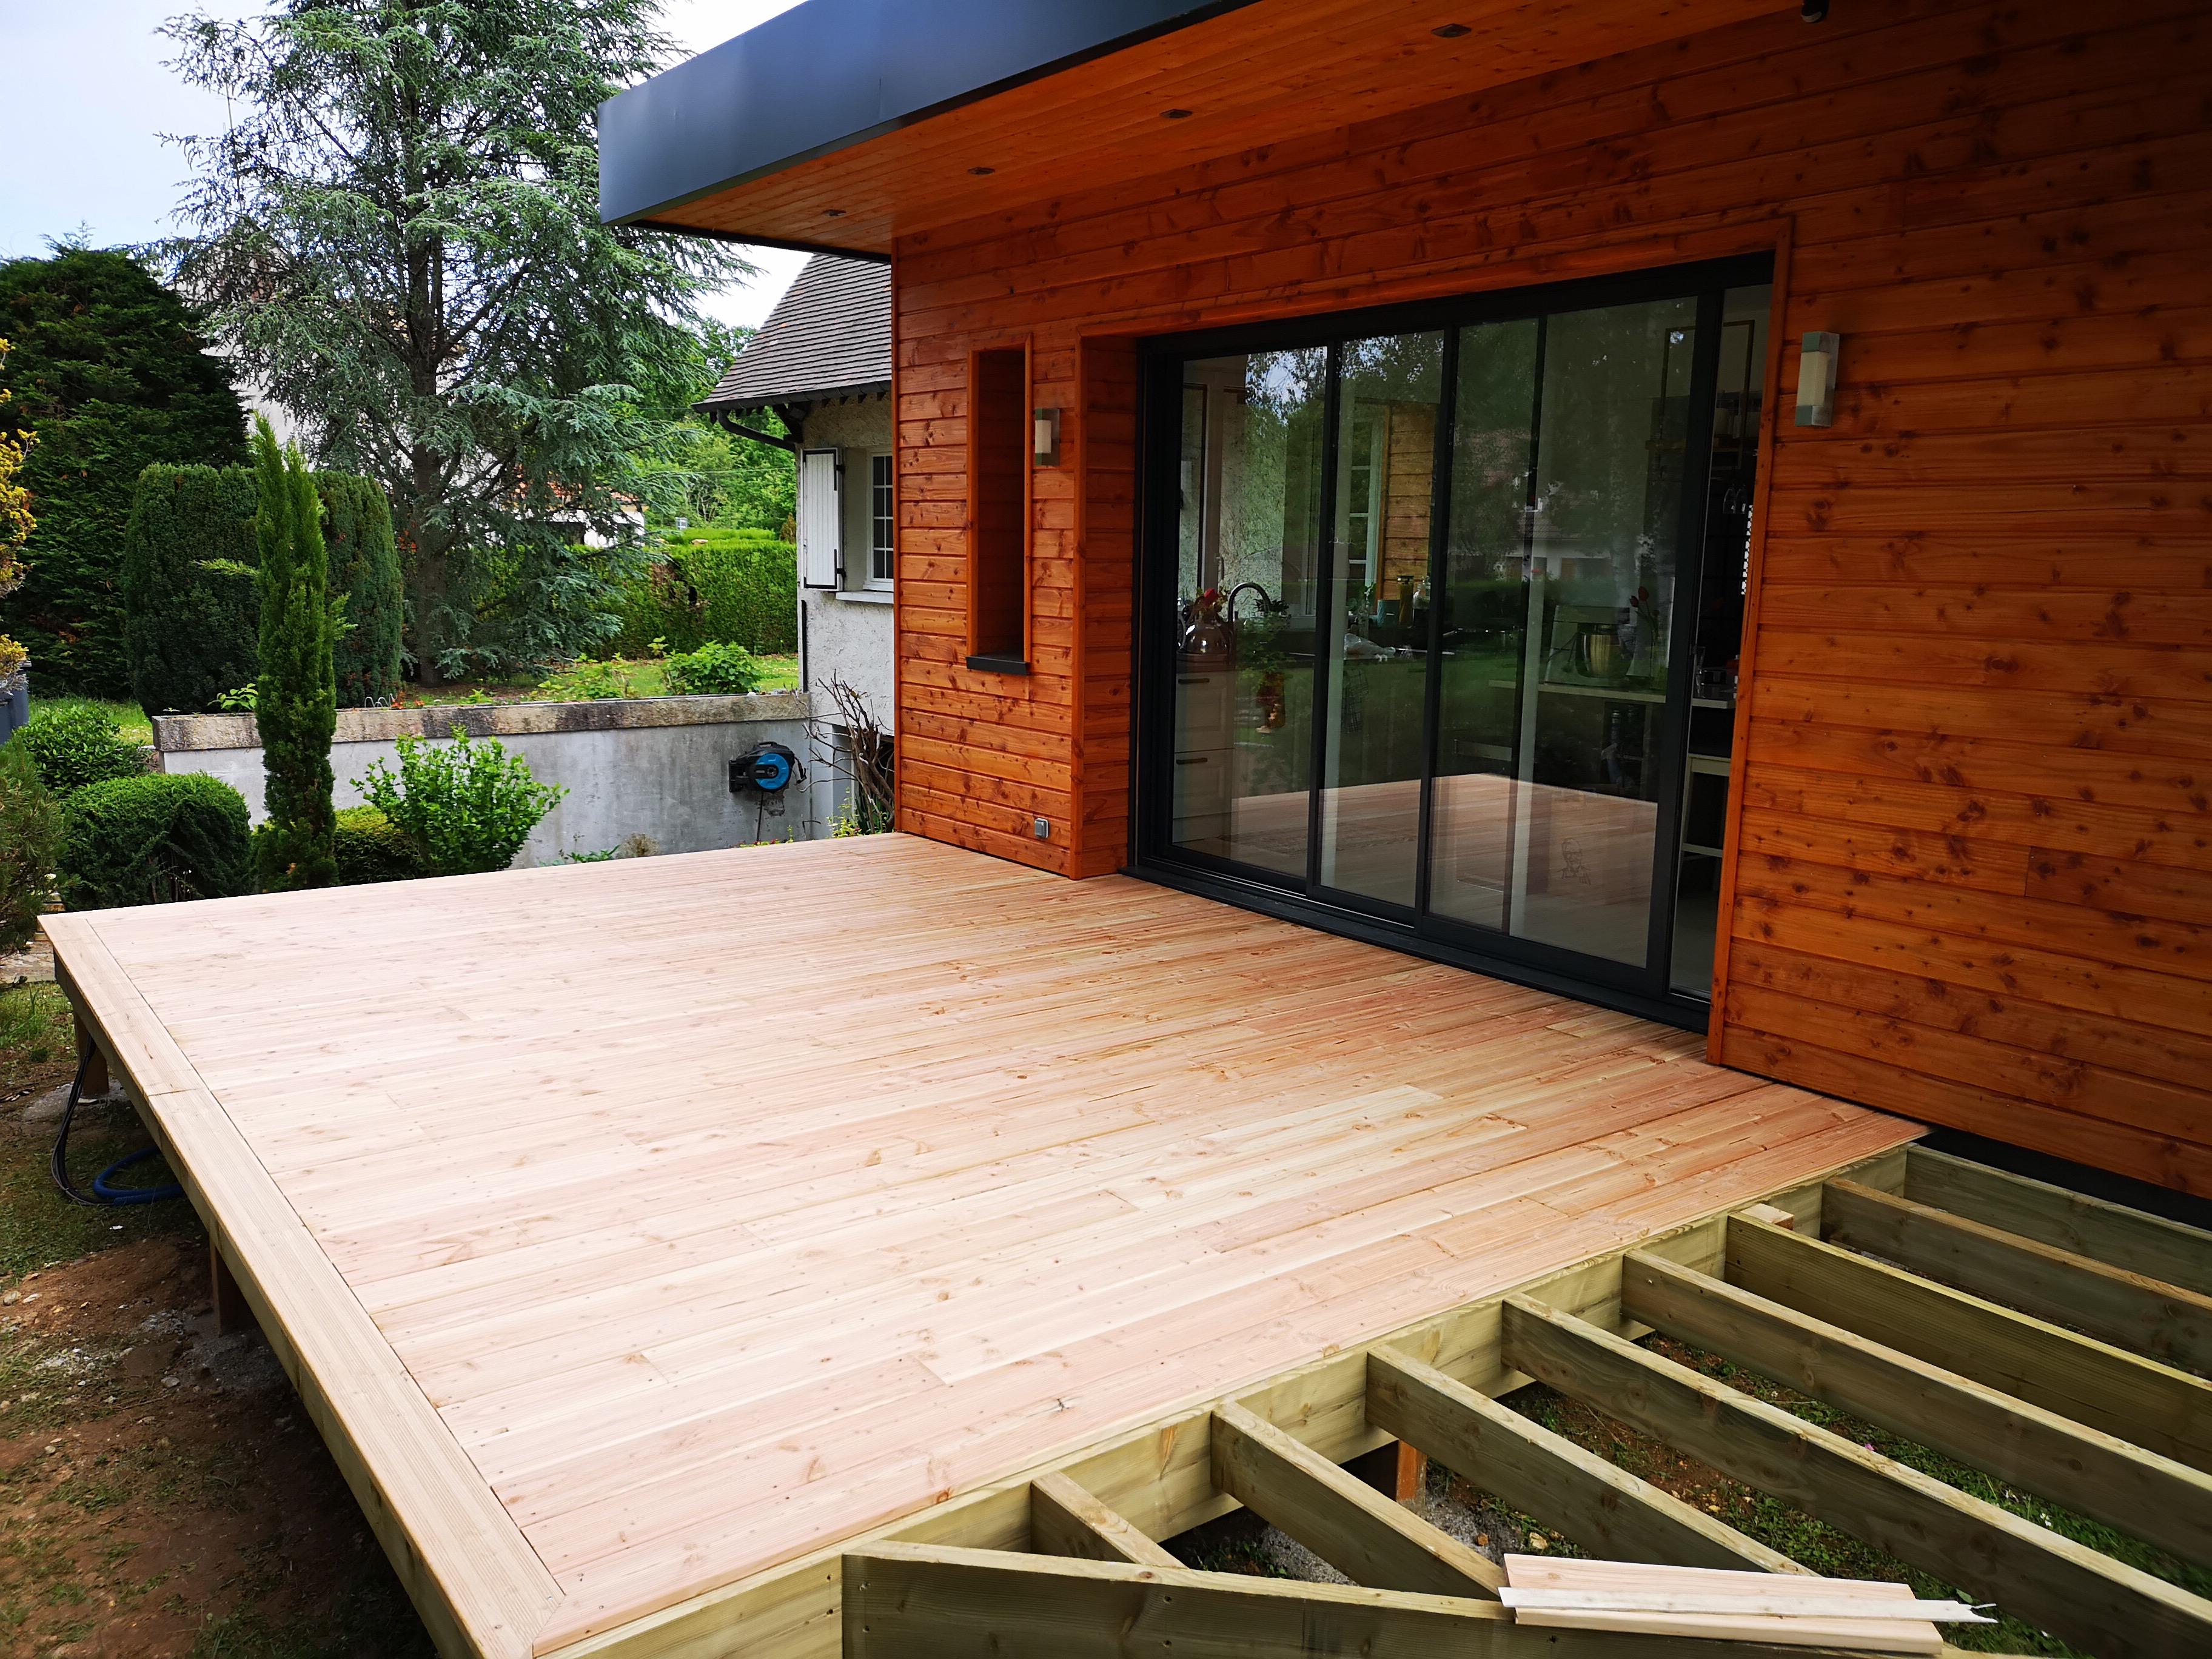 Structure Terrasse Bois Surélevée terrasse bois douglas bois le roi - technobat construction